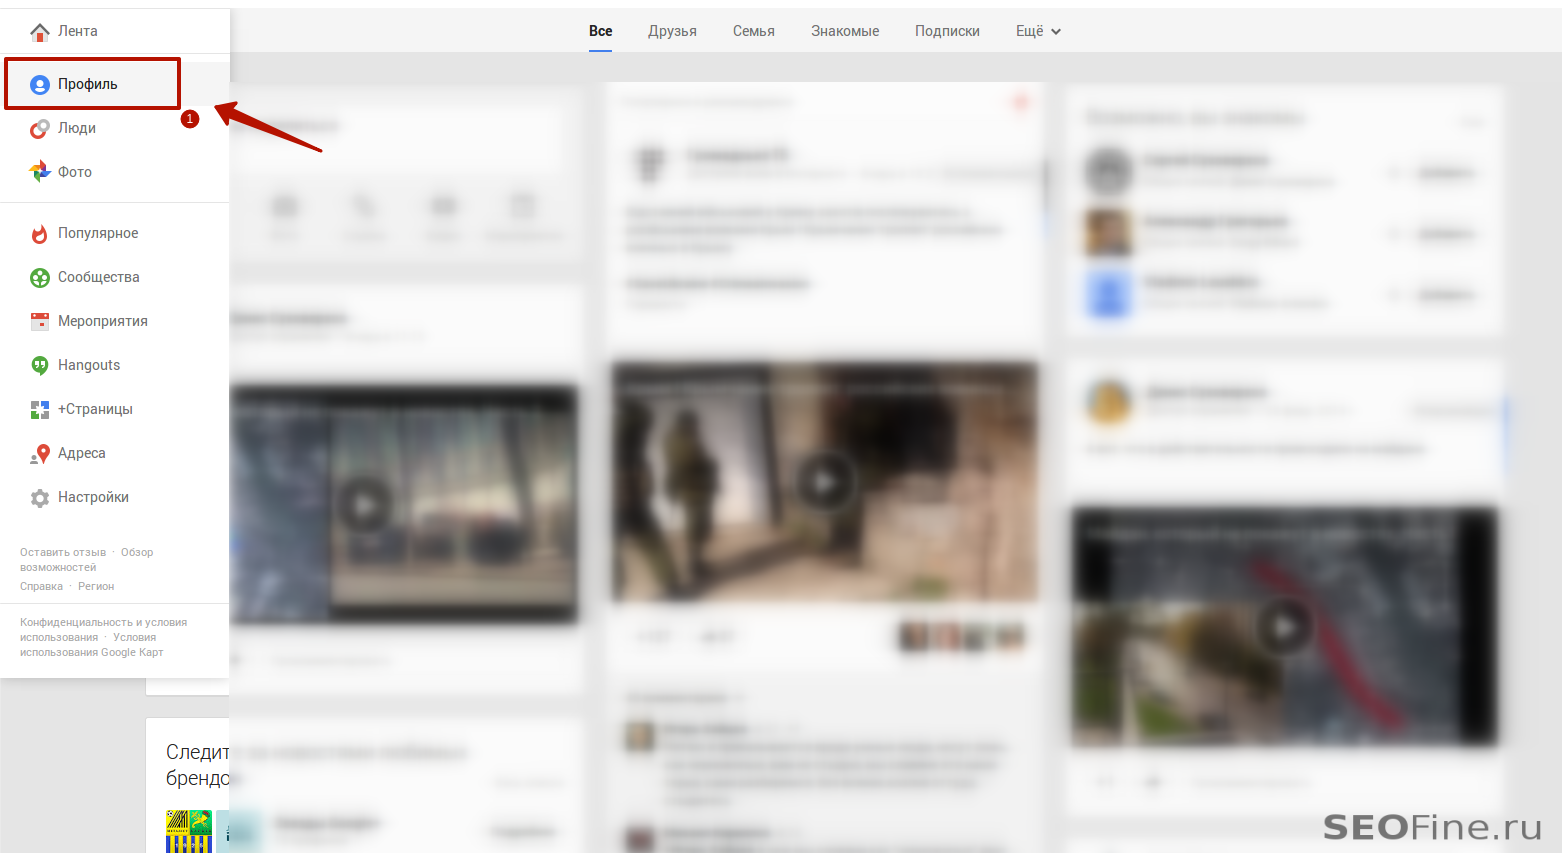 Открываем свой профиль в Google+